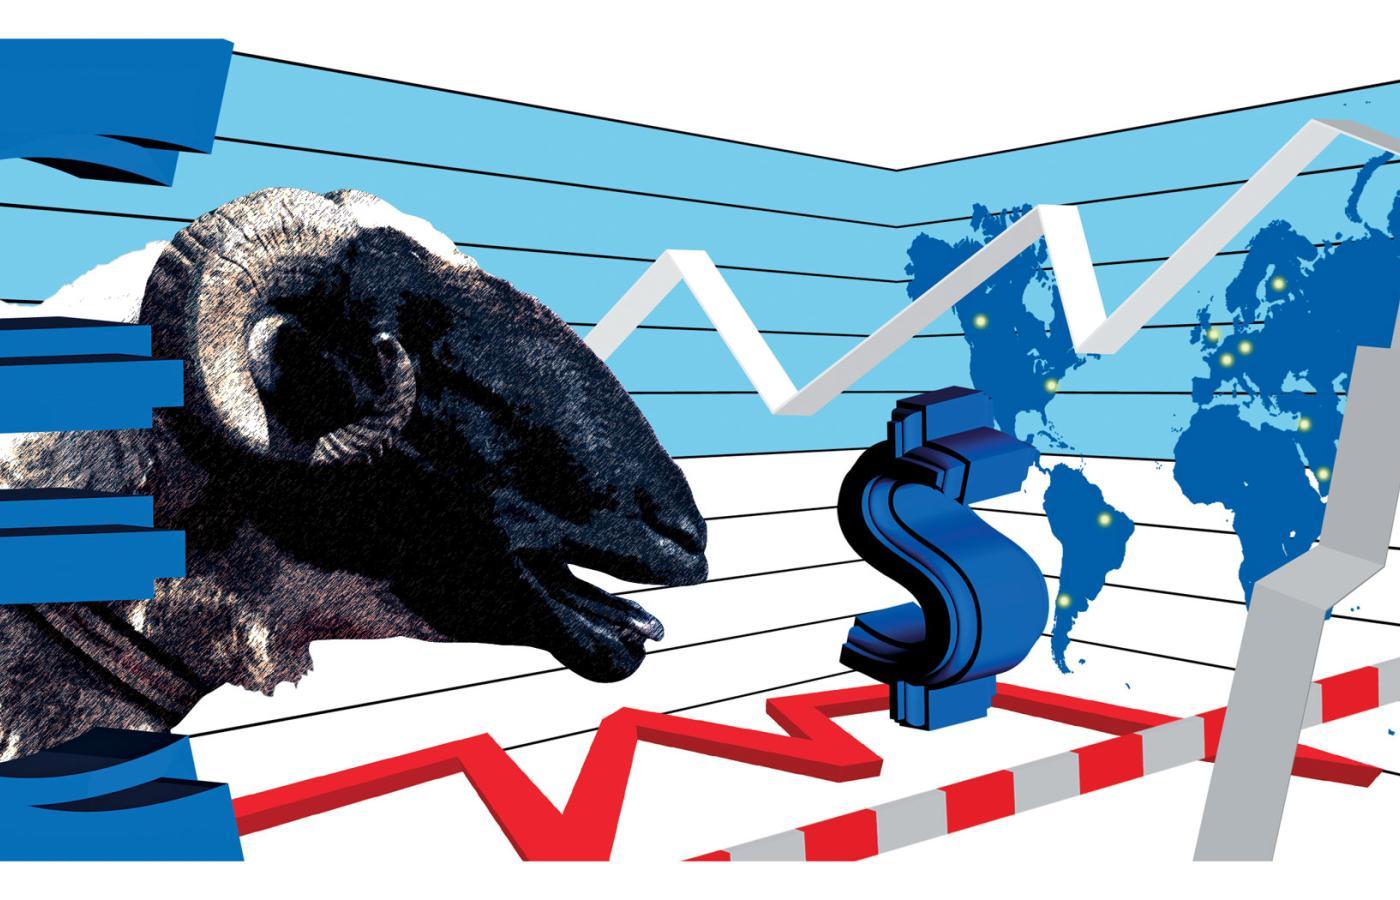 2e047ad183 Czy światu grozi odejście od wolnego handlu  Na jednej szali leżą  niewątpliwe korzyści gospodarcze